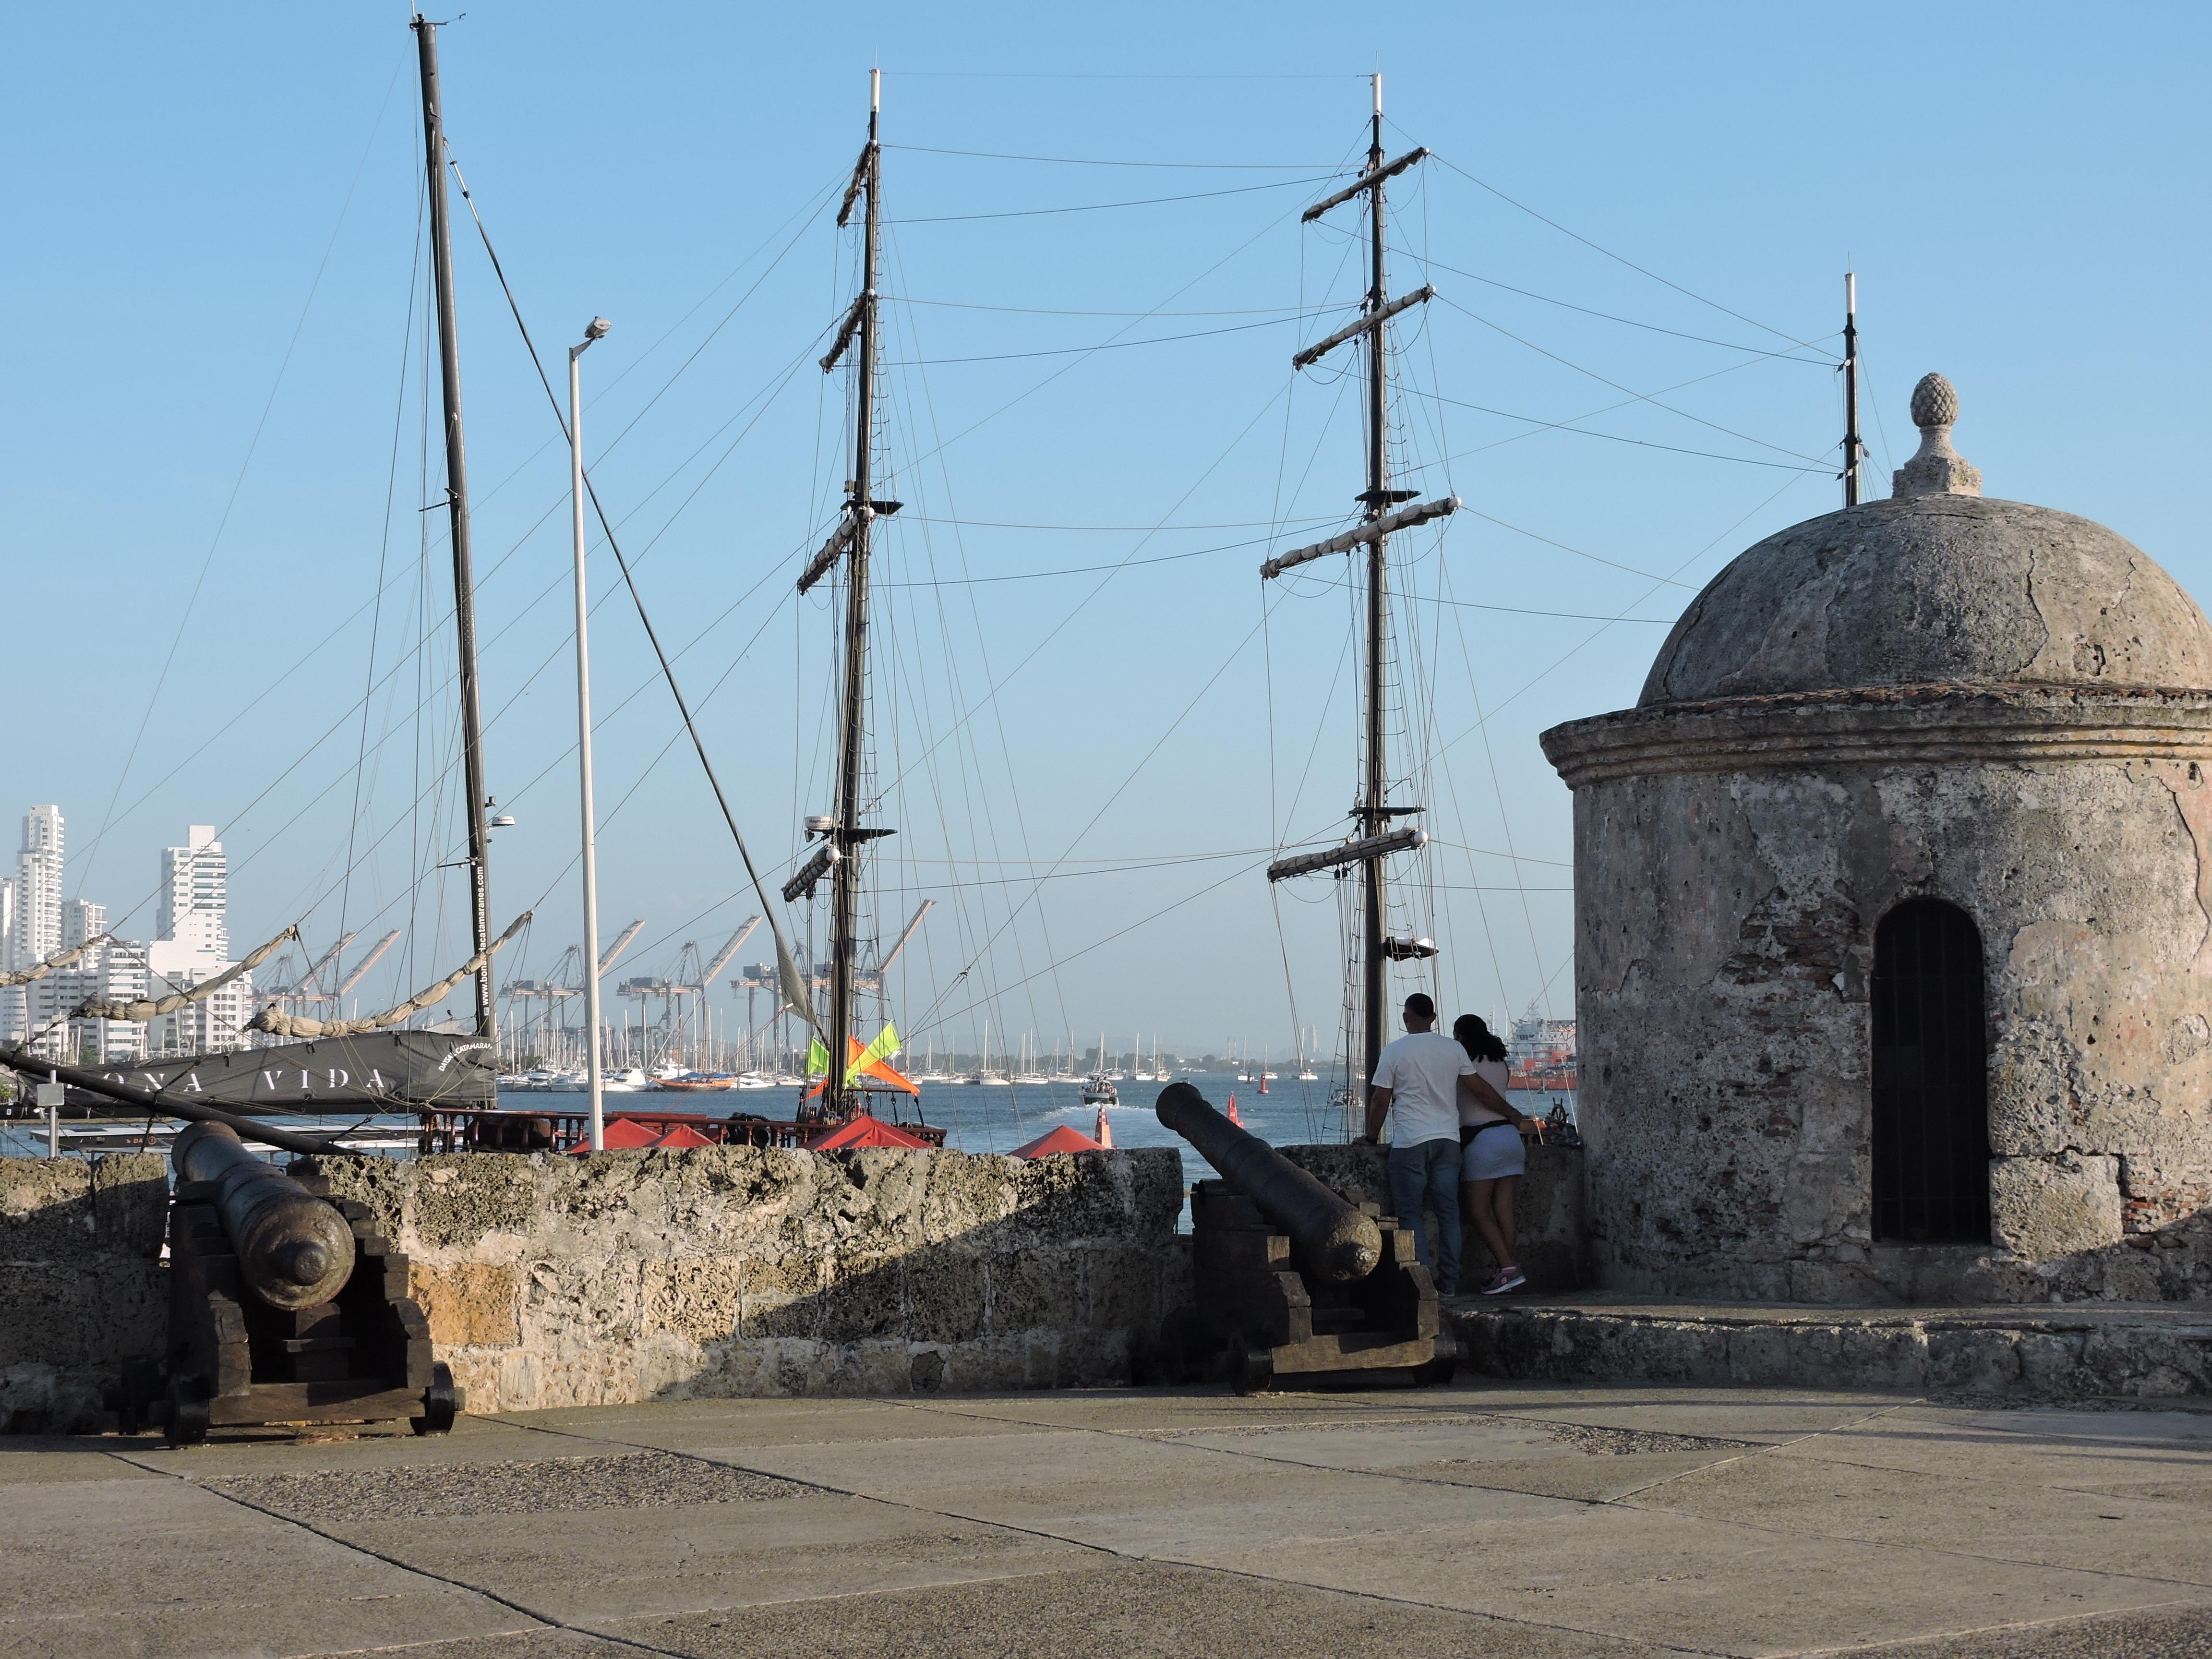 Vue de la baie de Carthagène d'où arrivaient les bateaux chargés d'africains, depuis les fortifications, janvier 2020